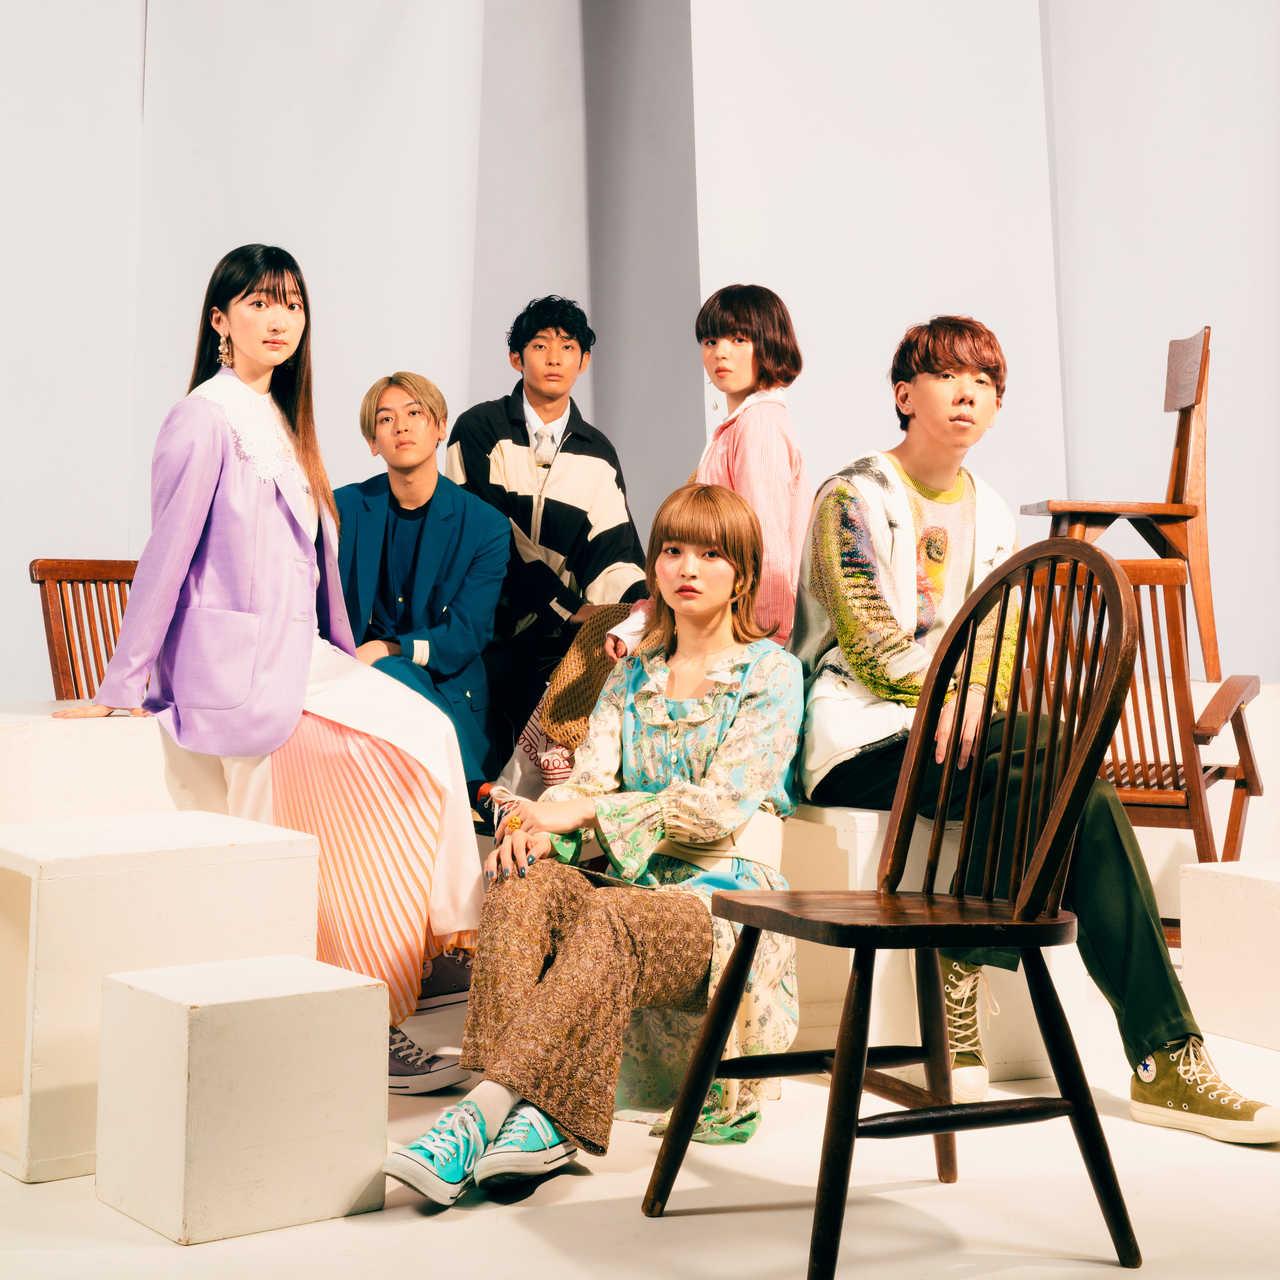 アカペラグループNagie Laneが9月メジャーデビュー、先行デジタルSgもリリース!